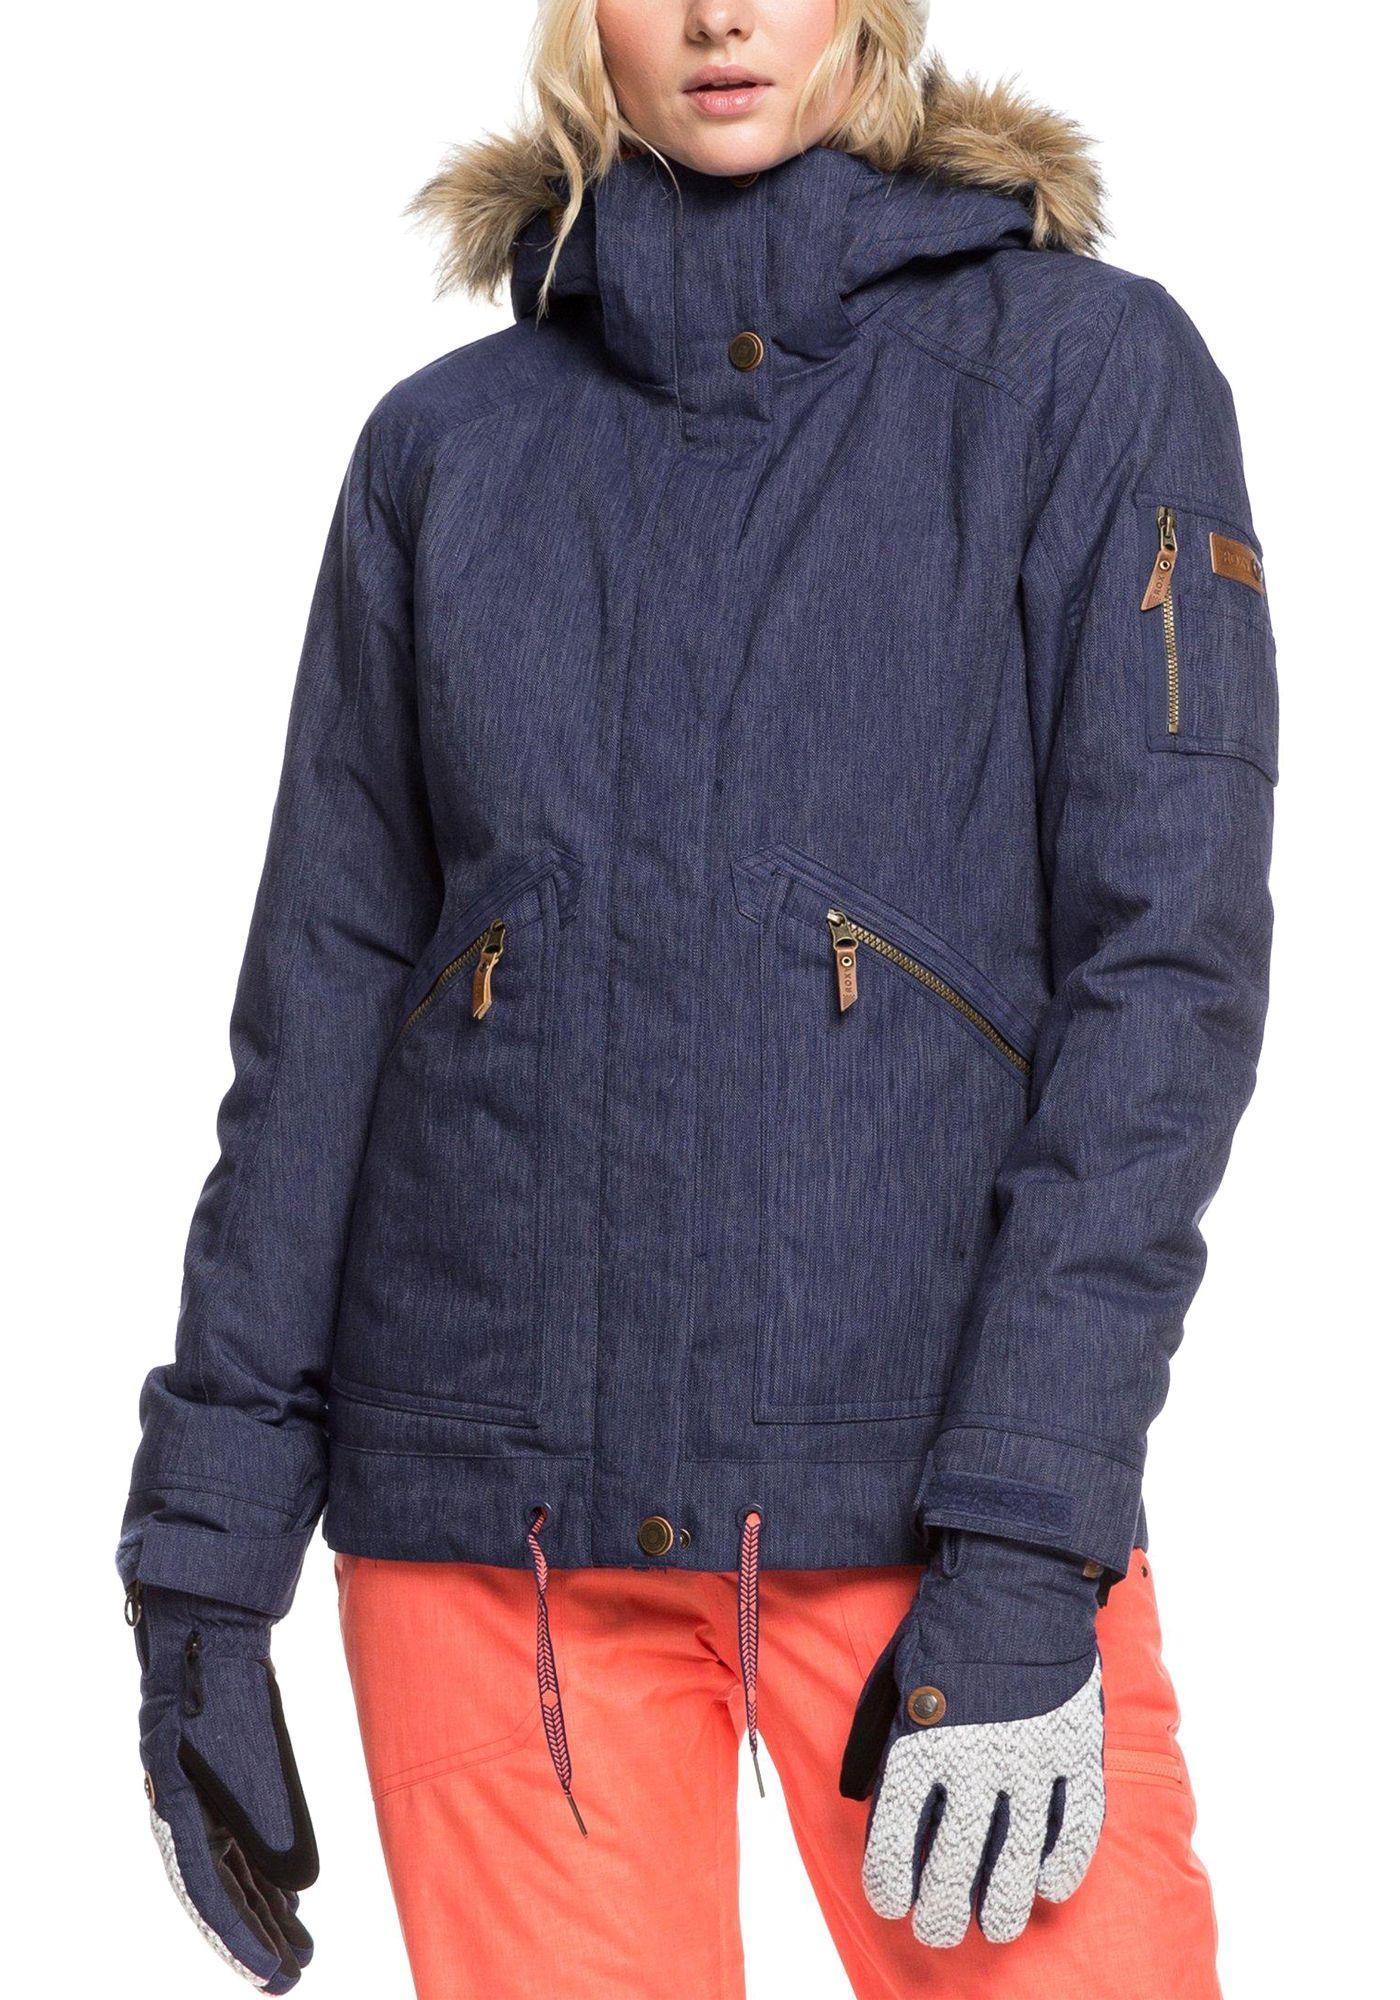 Roxy Women's Meade Denim Snow Jacket